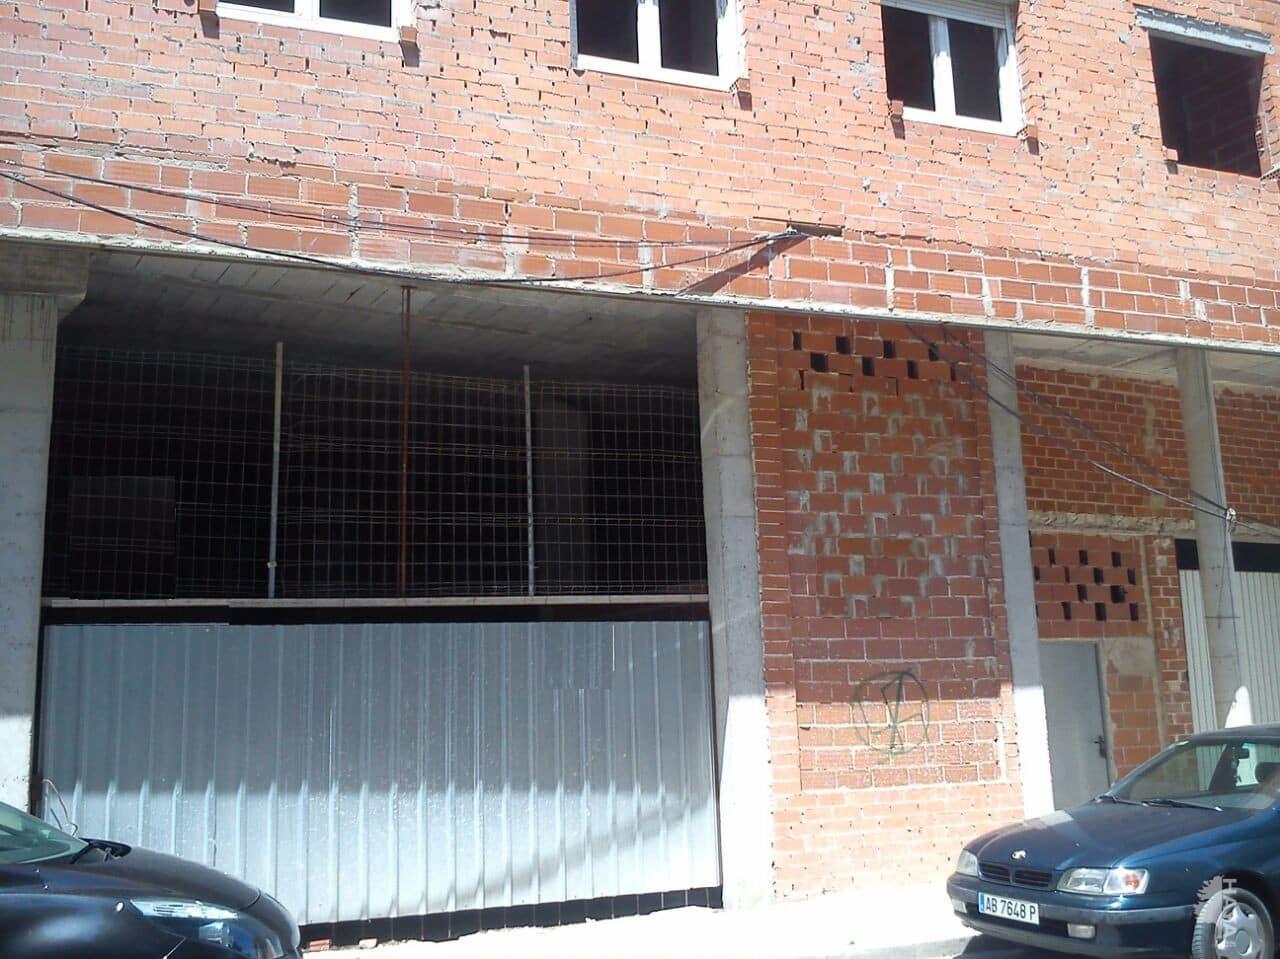 Piso en venta en La Roda, la Roda, Albacete, Calle Juan Garcia Glz, 46.600 €, 1 habitación, 1 baño, 107 m2